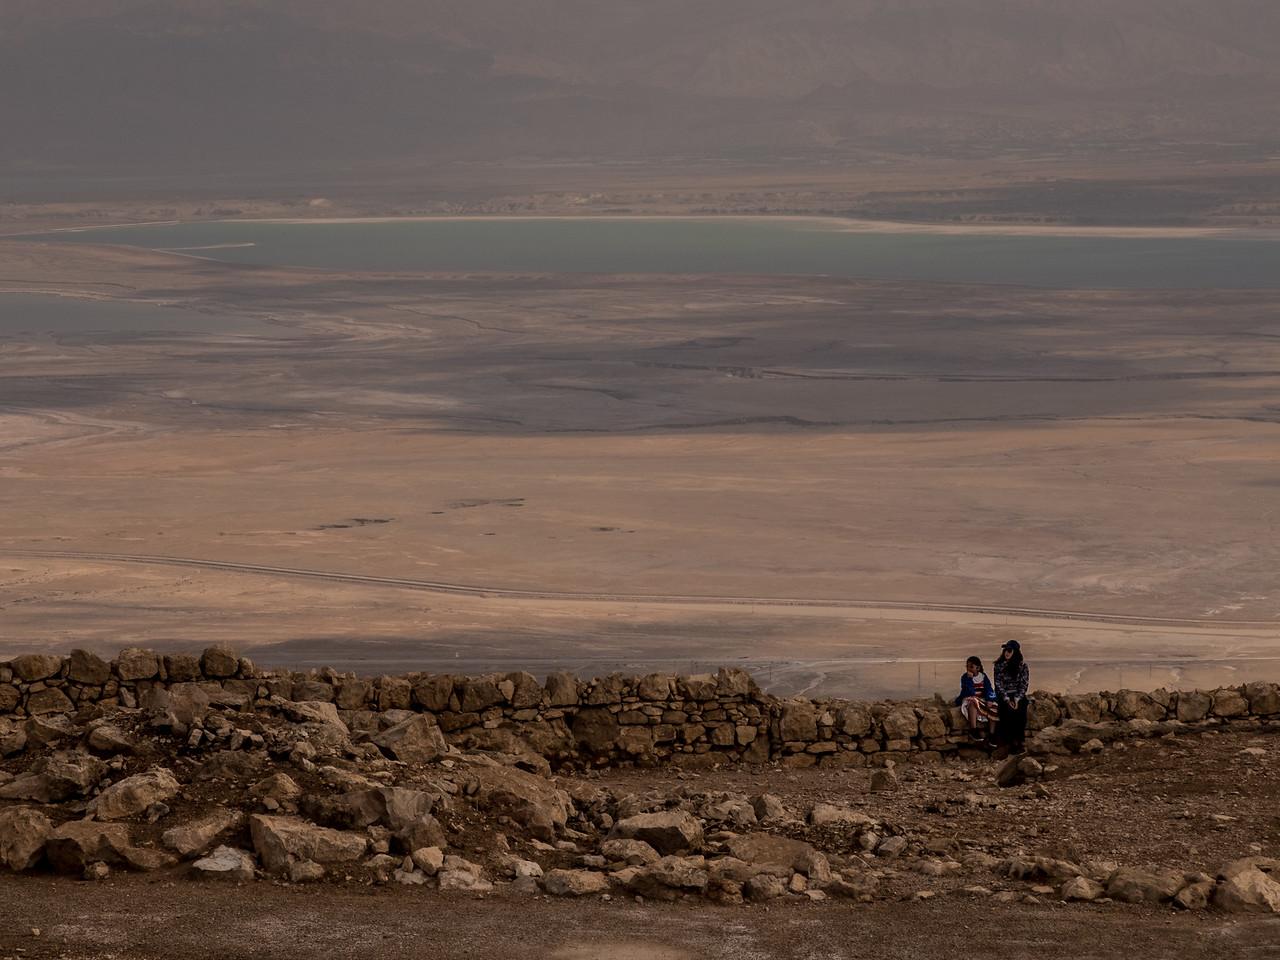 Masada, Dead Sea, Israel